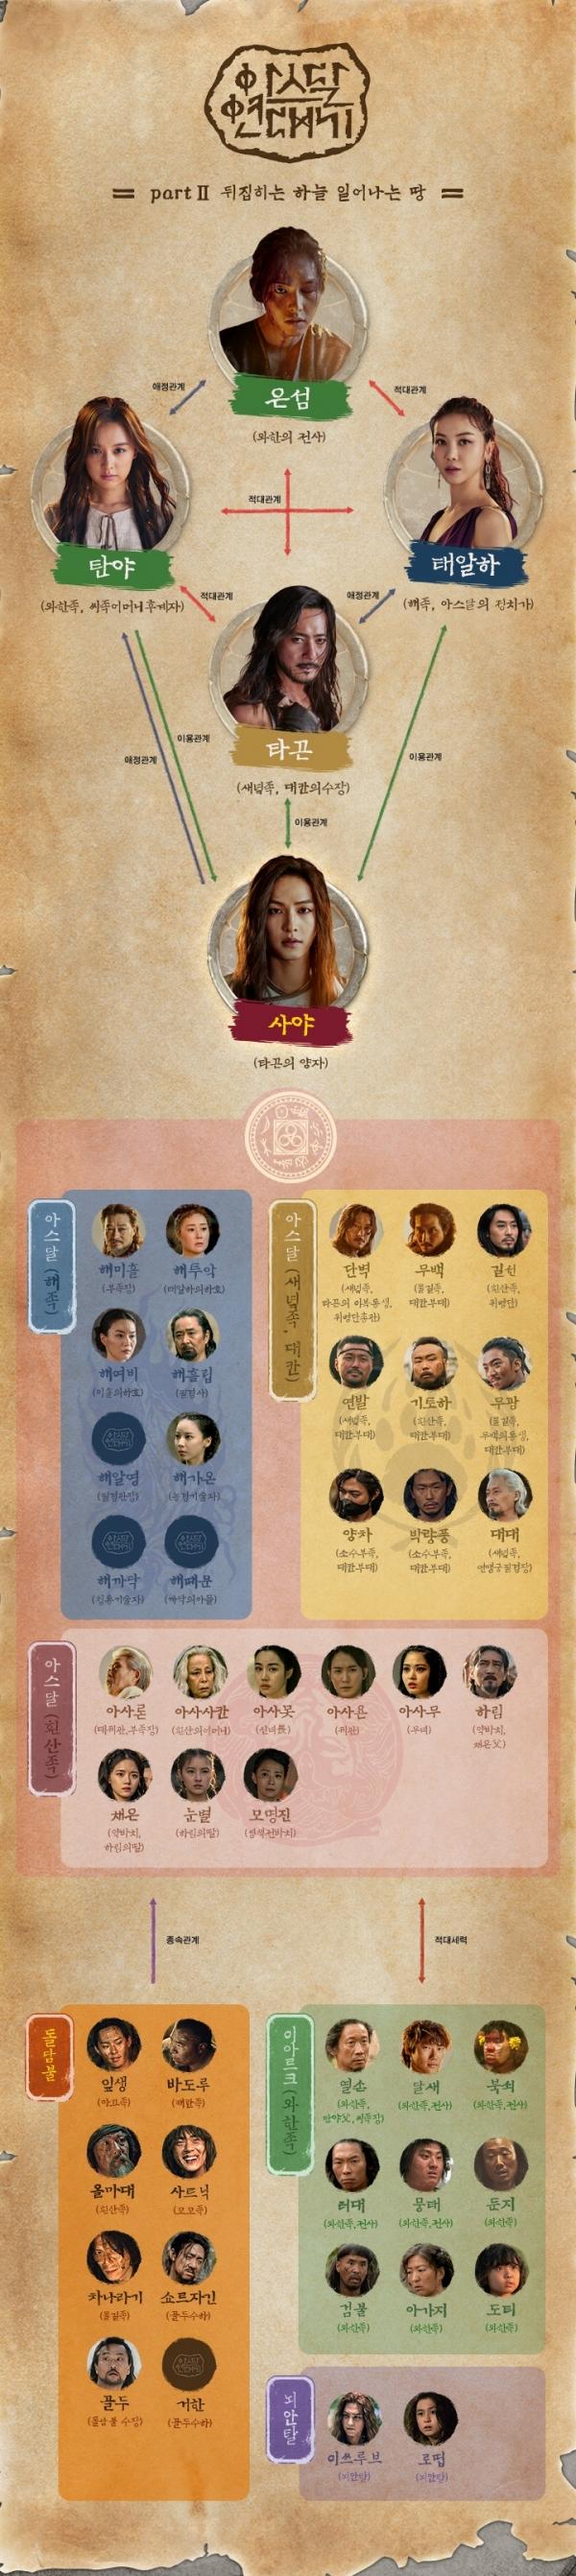 드라마 '아스달 연대기', 인물관계도-등장인물-몇부작-줄거리-송중(은섬)...파트3(시즌3) 방송 날짜는?